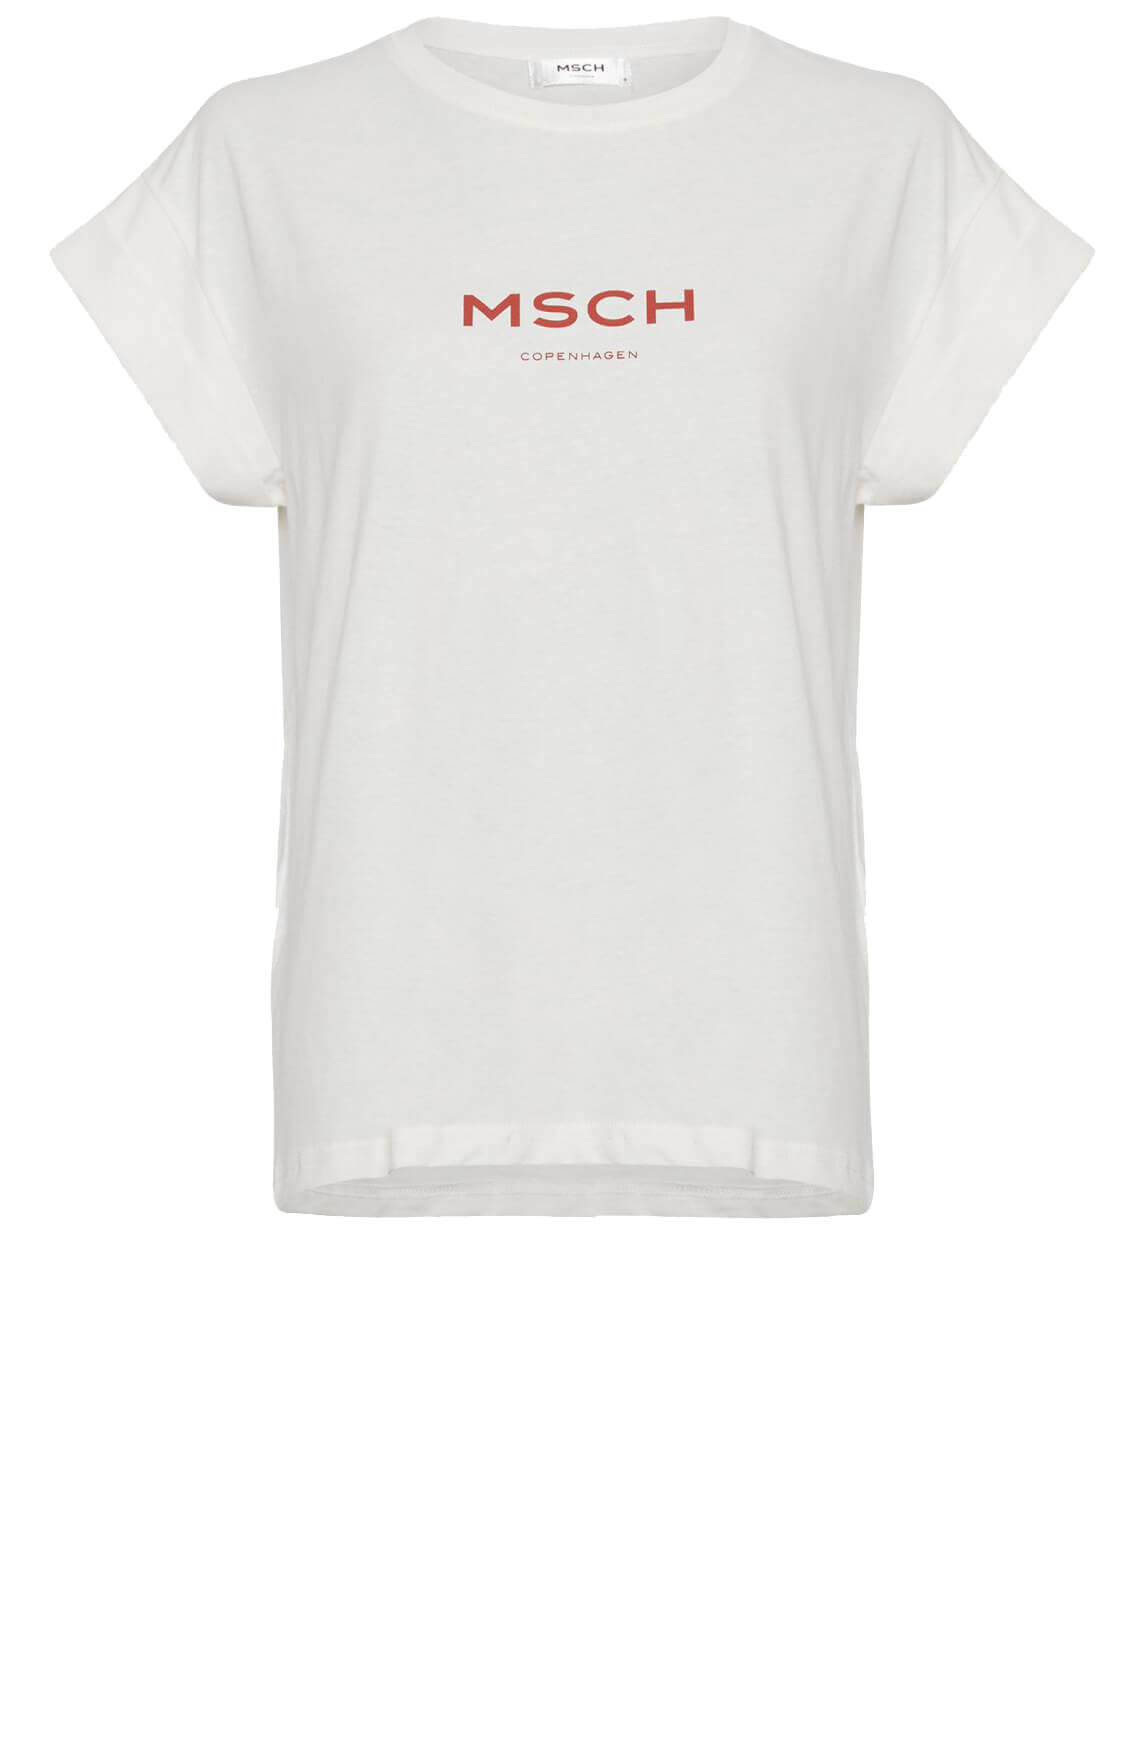 Moss Copenhagen Dames MSCH shirt wit